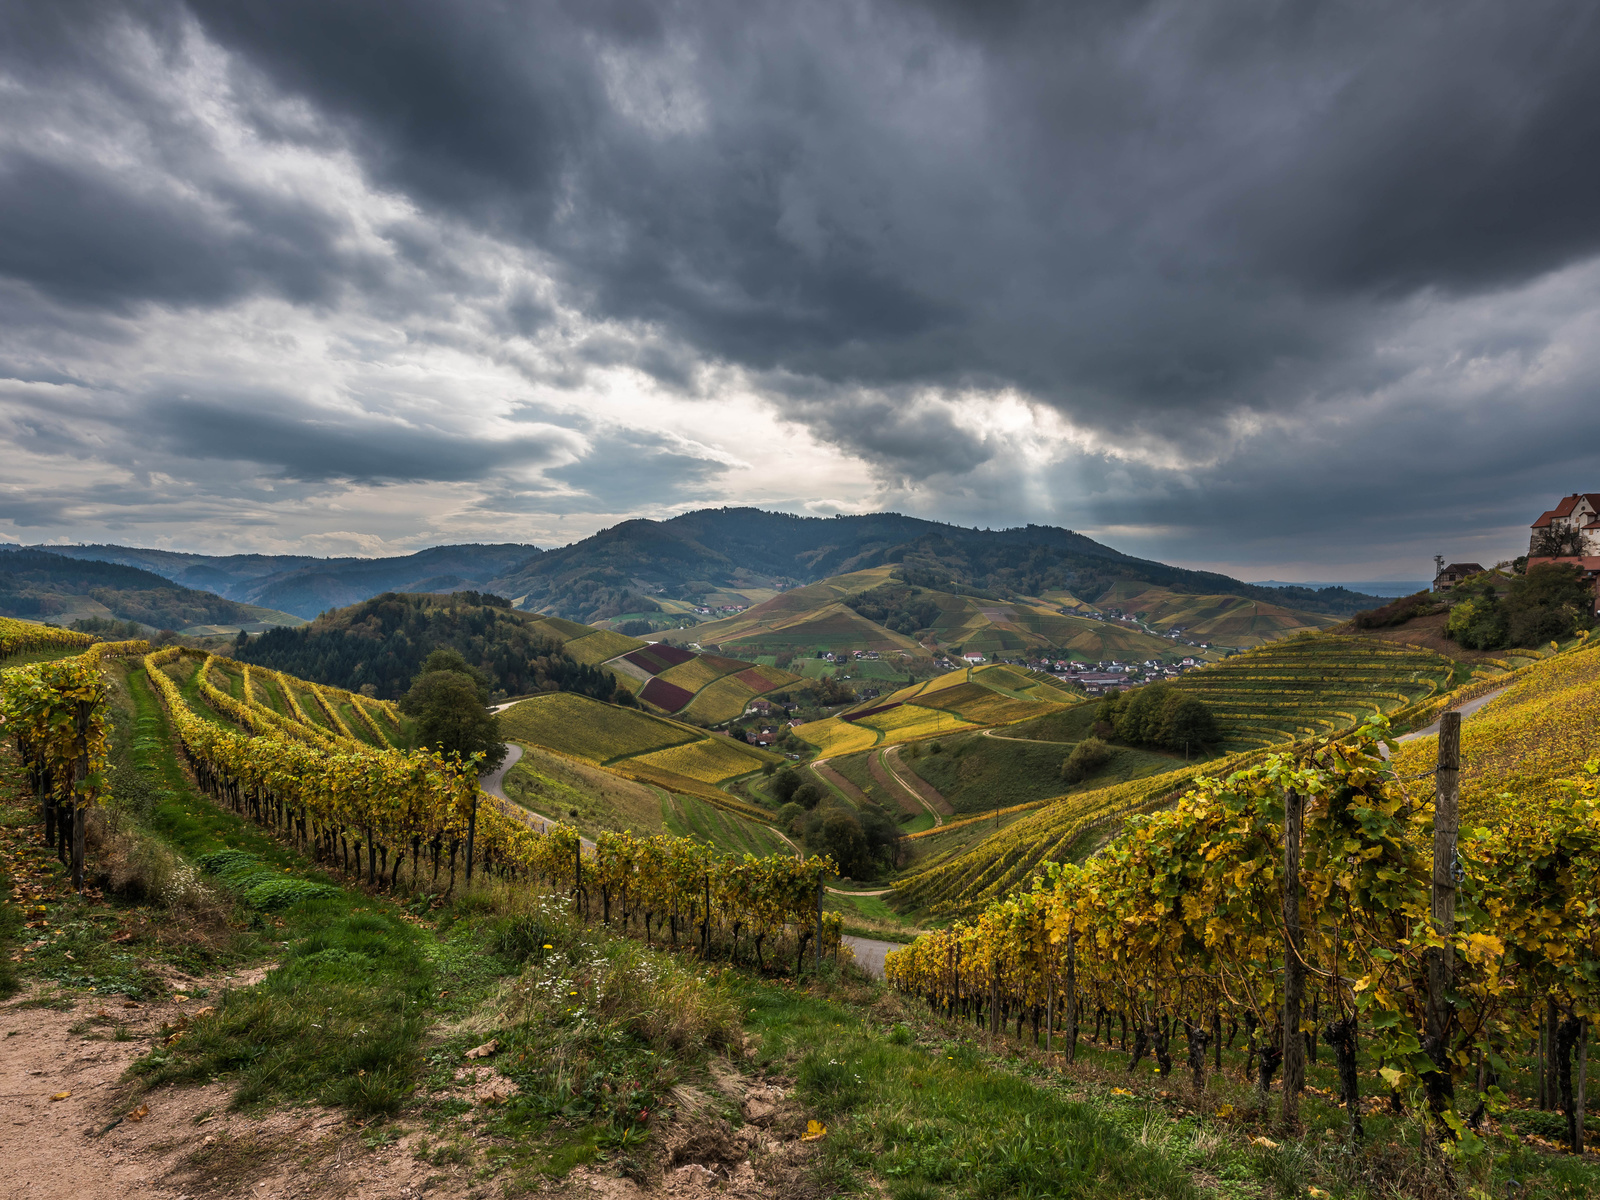 германия, поля, осень, пейзаж, виноградник, холмы, кусты, природа